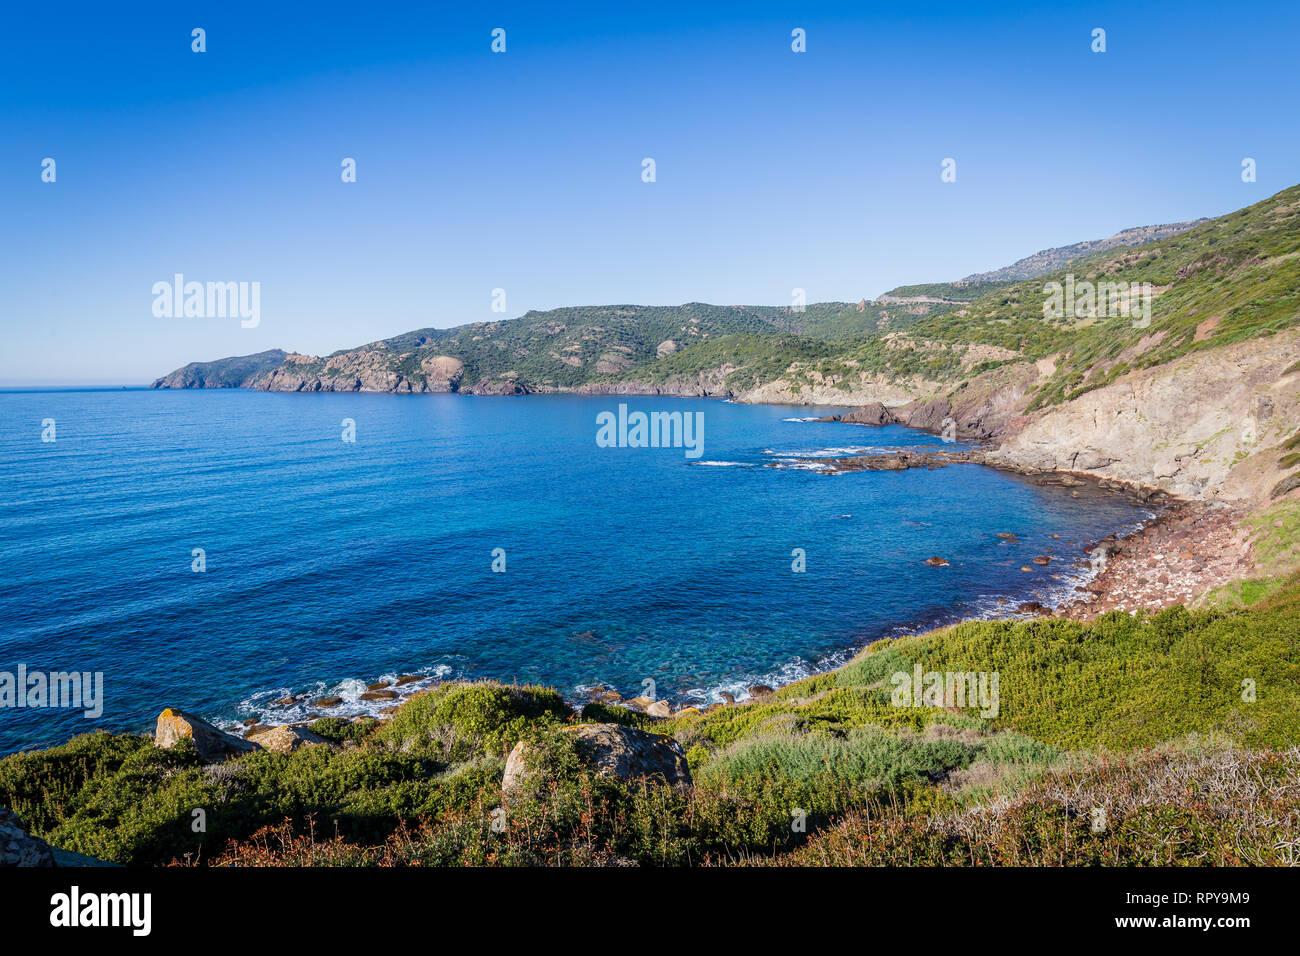 Costa noroeste entre Bosa y Alghero, Cerdeña. Italia Foto de stock